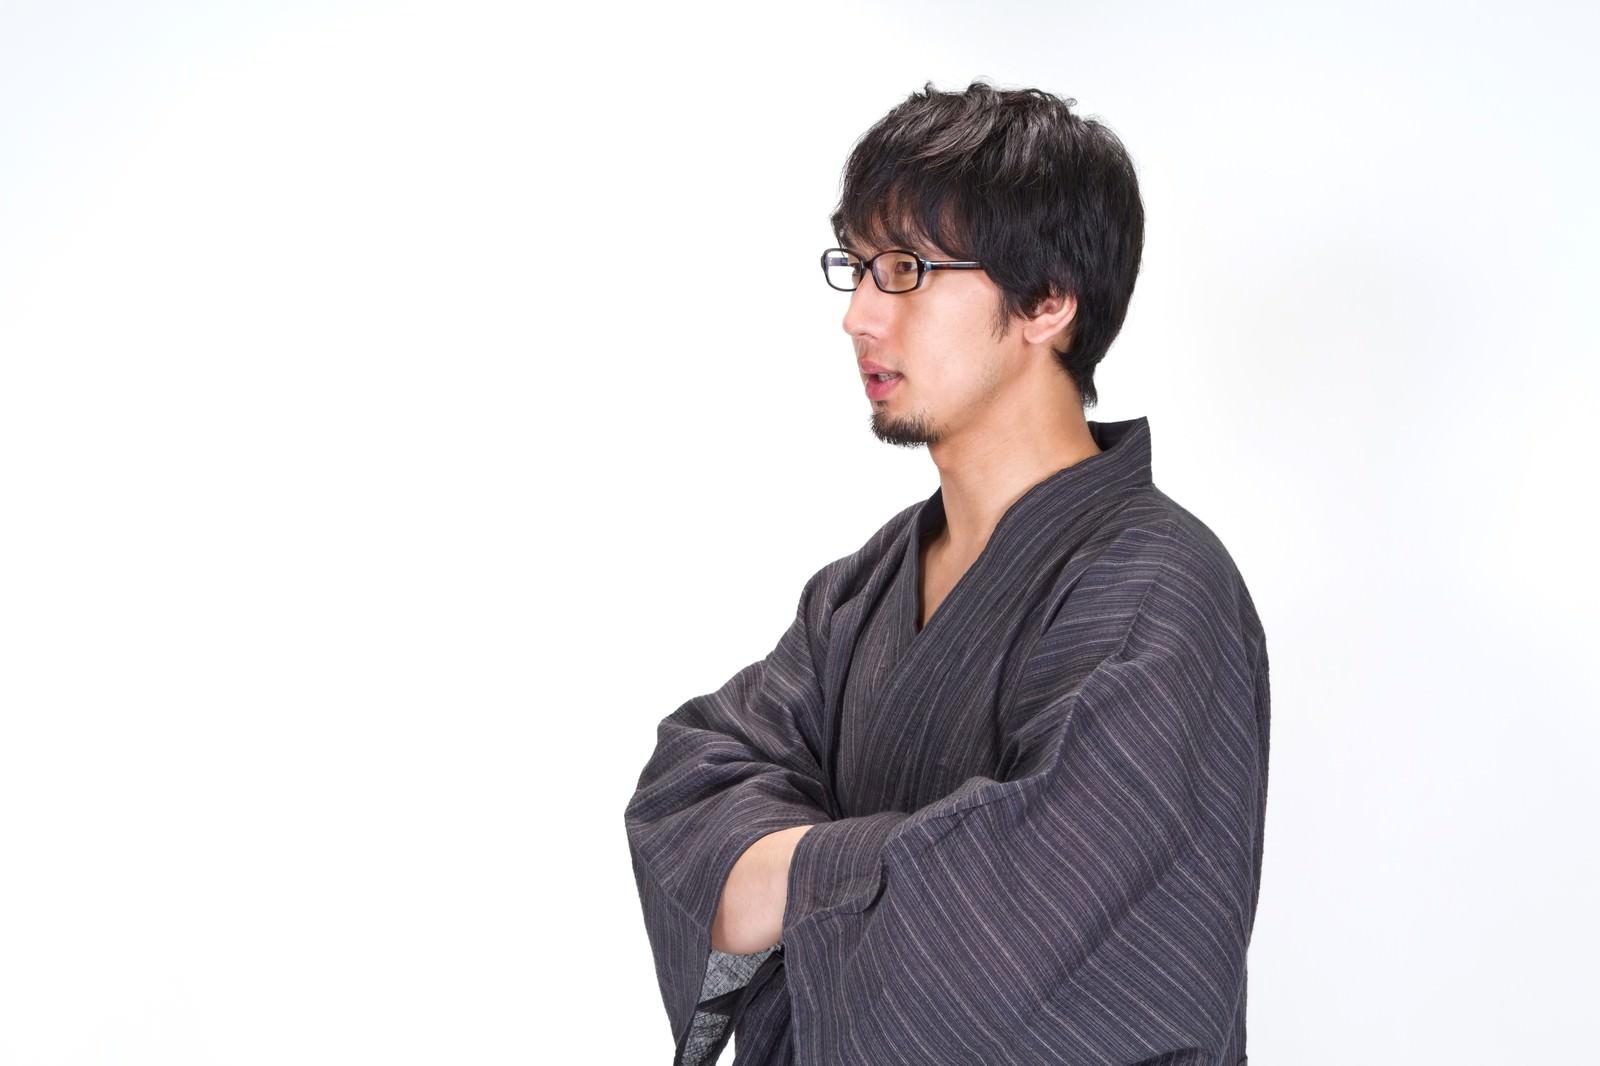 「浴衣の袖に手を入れ横を向く男性」の写真[モデル:大川竜弥]